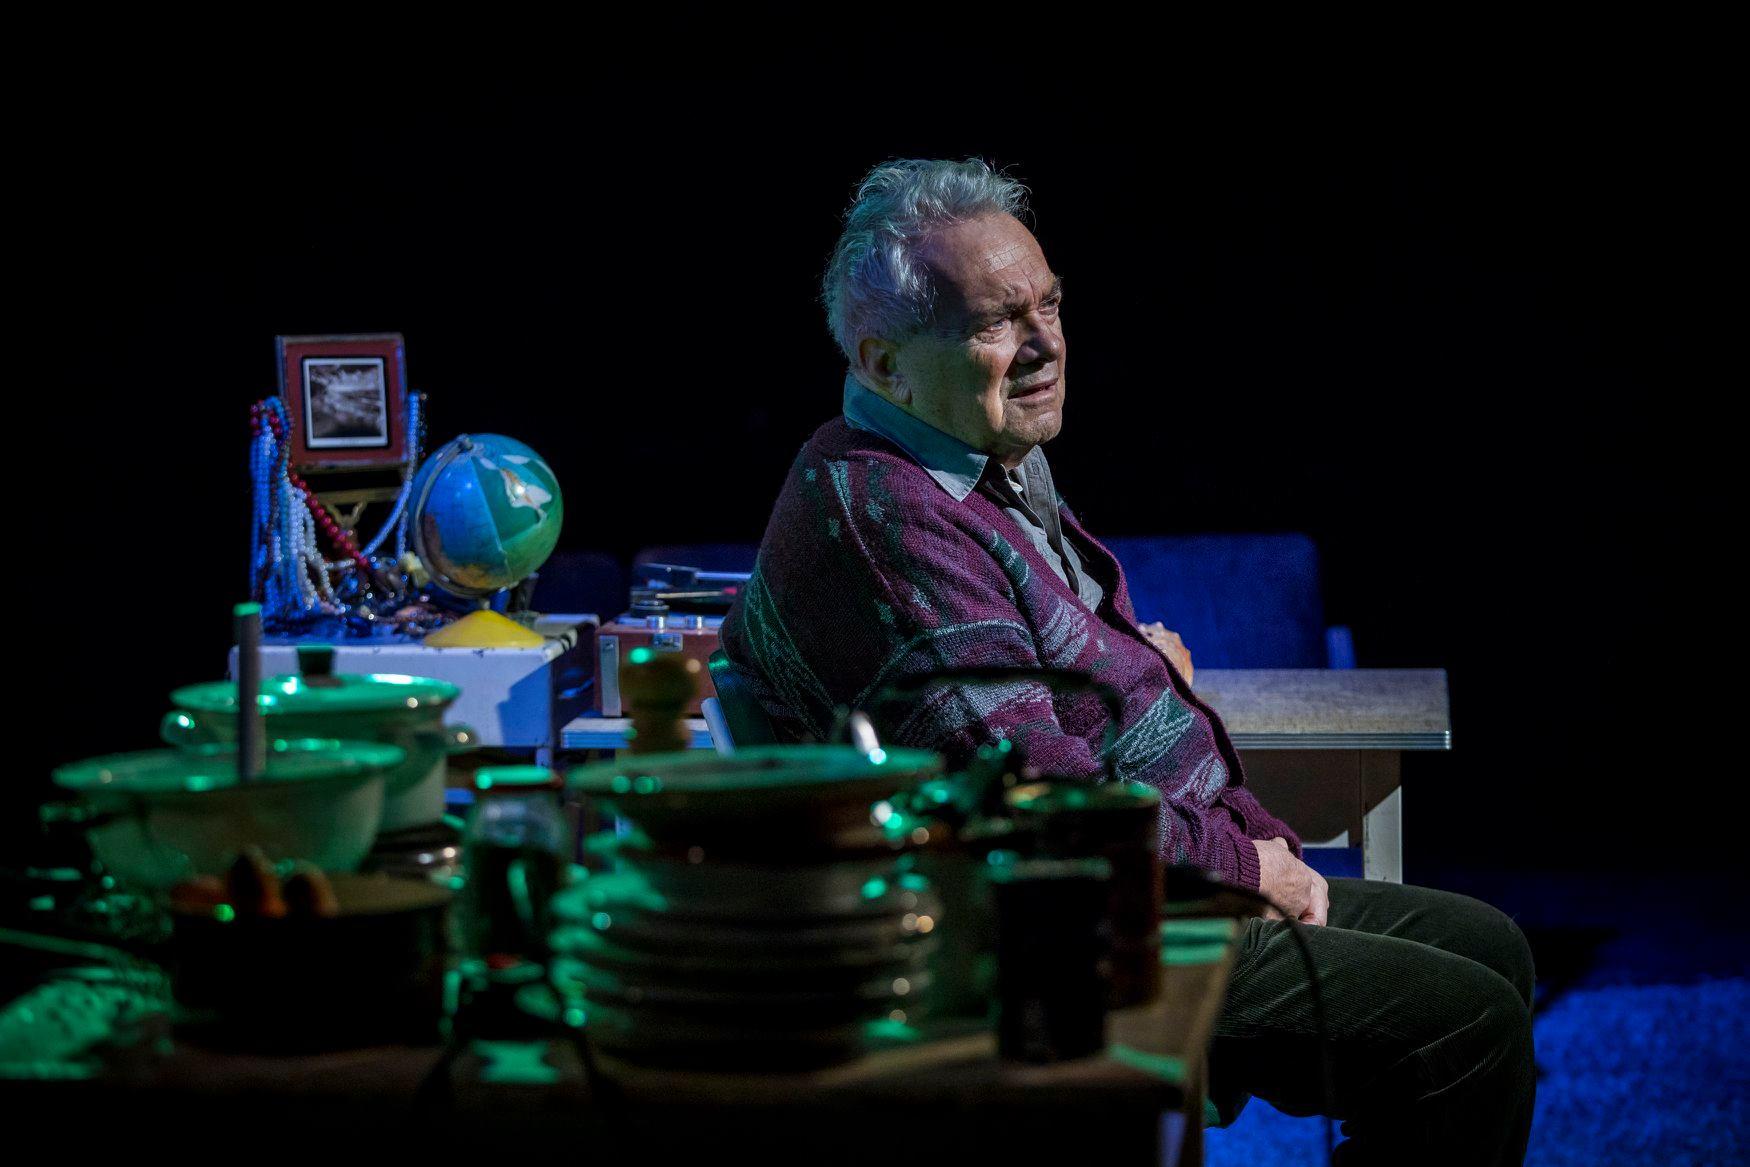 Zdjęcie ze spektaklu. Starszy mężczyzna siedzi na krześle, ma zmartwioną minę, dookoła bałagan.